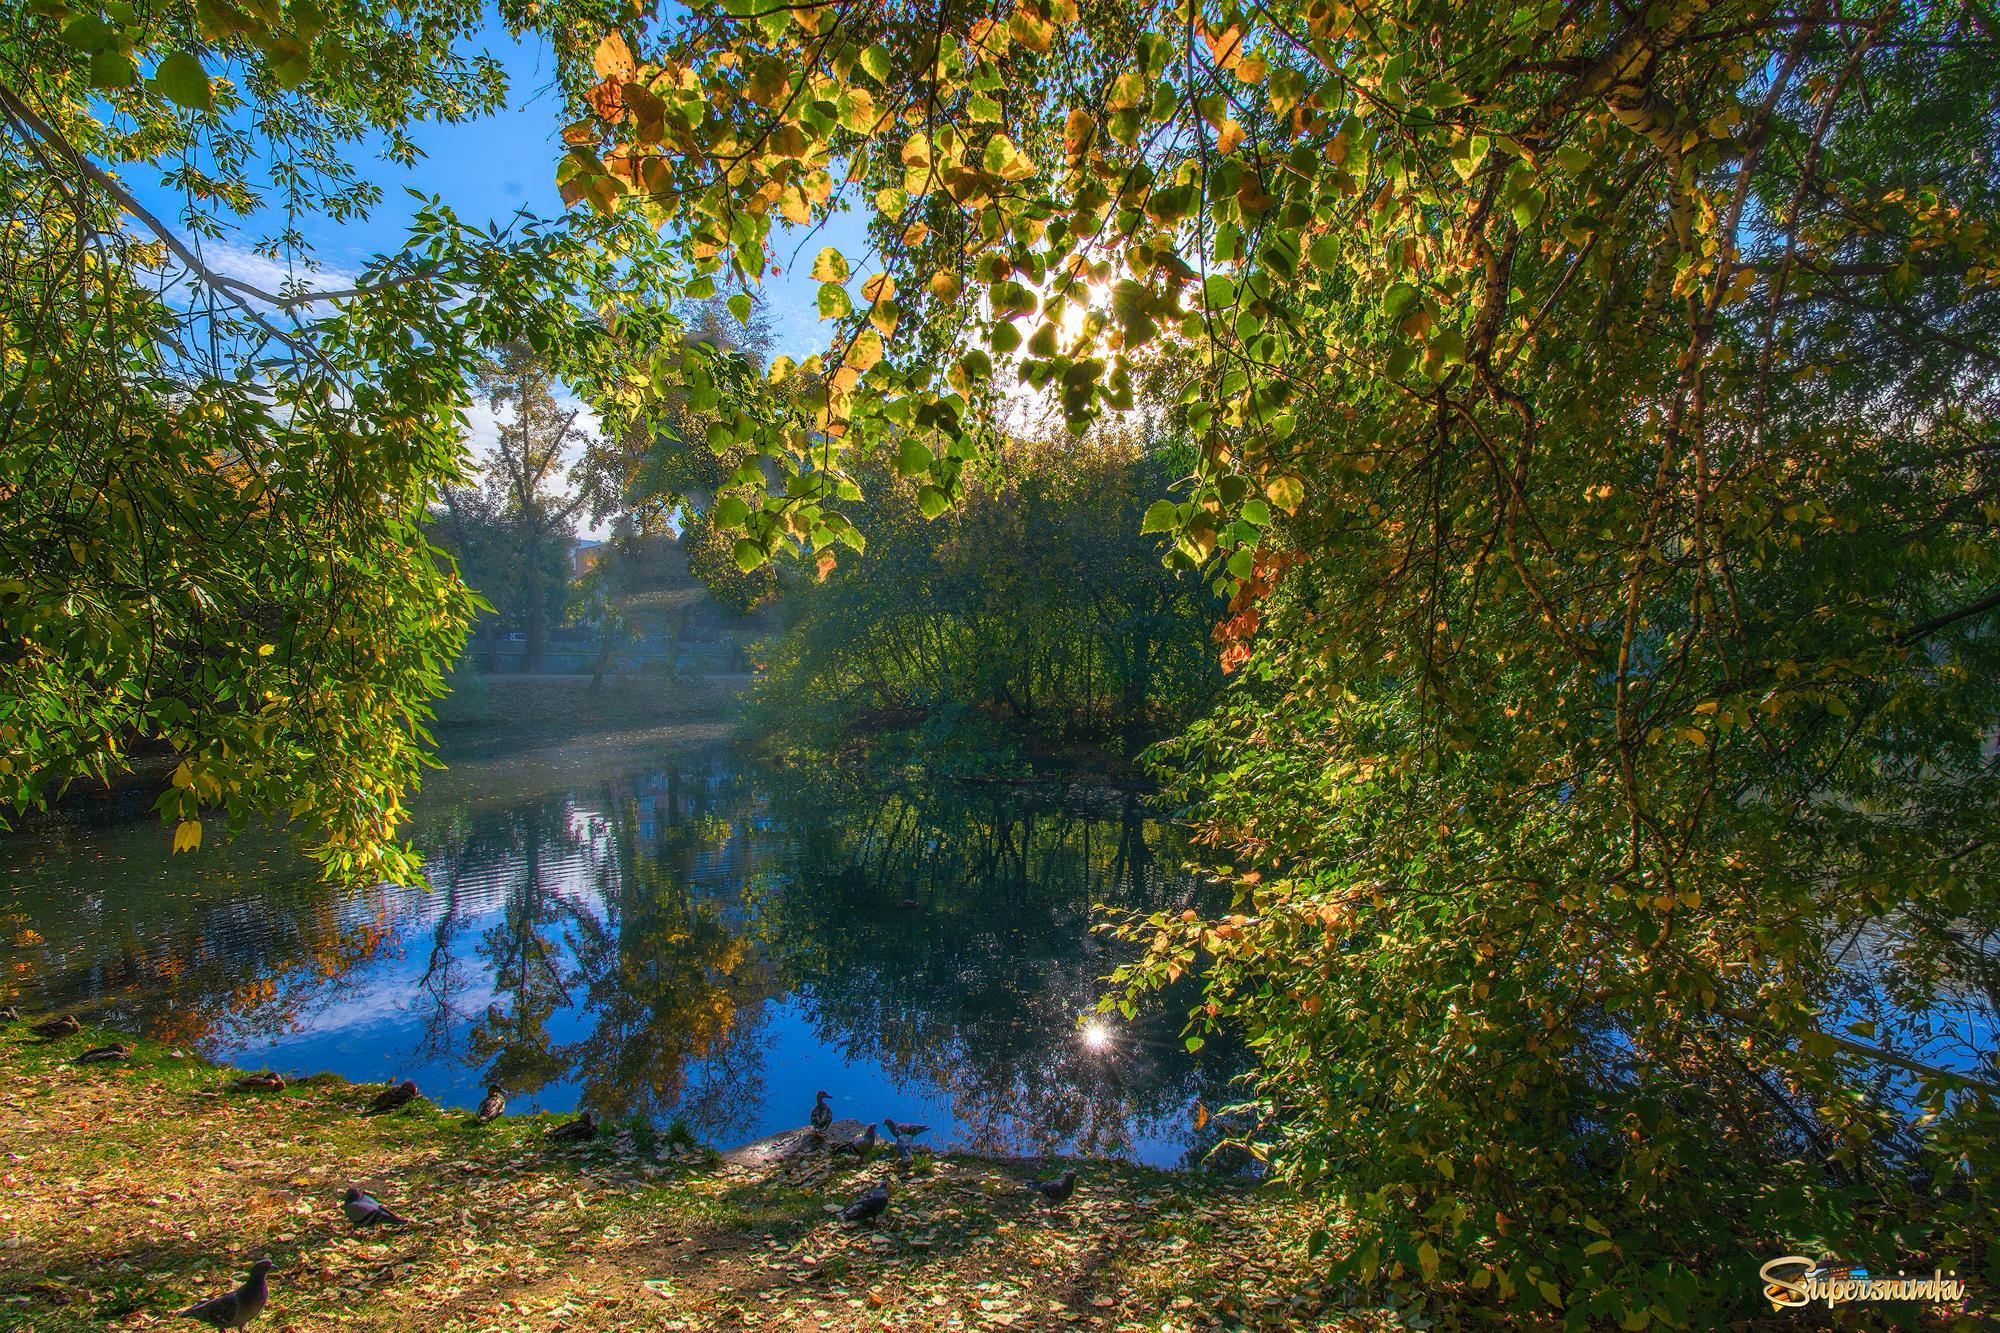 Осень в старом парке | Фотосайт СуперСнимки.Ру